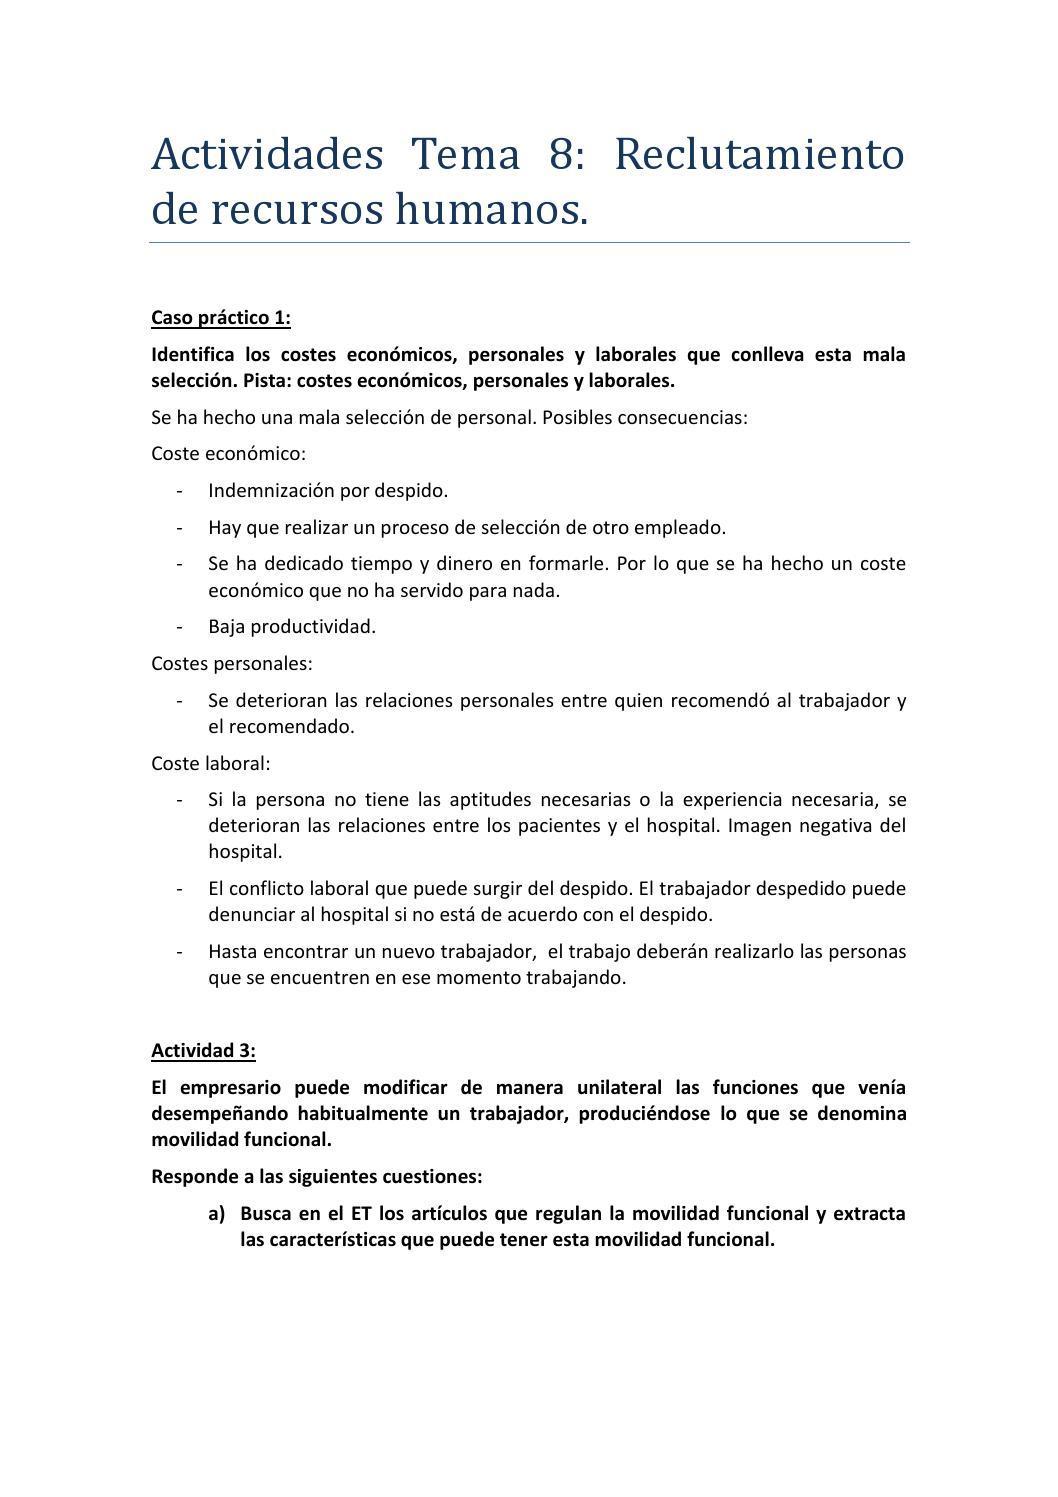 Actividades tema 8 by nerea issuu for Trabajo de interna en barcelona